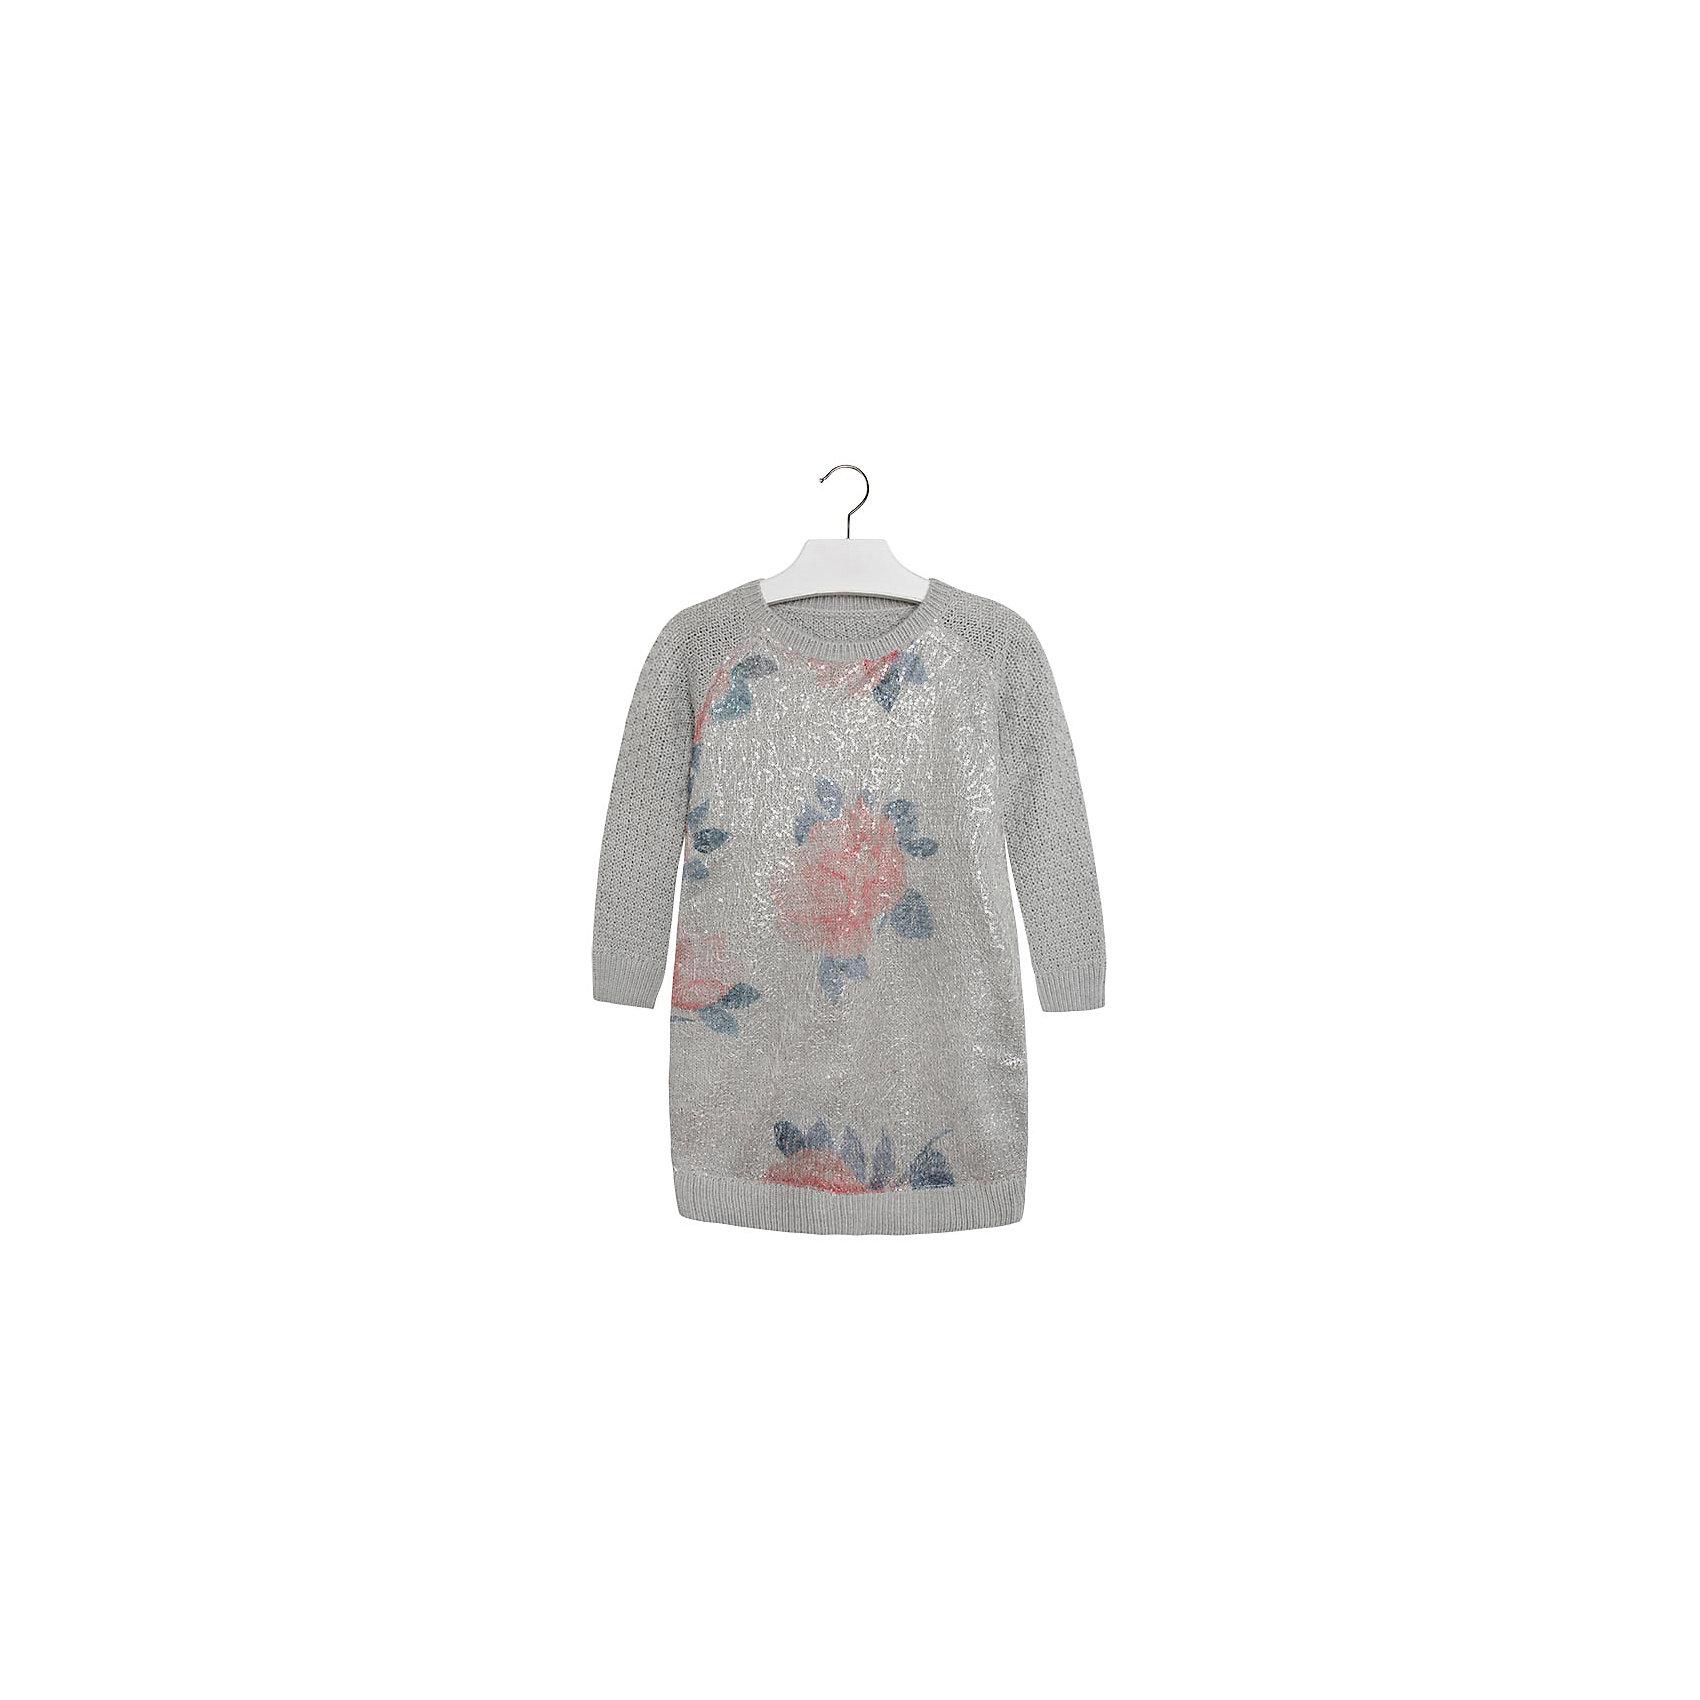 Платье MayoralПлатье для девочки от известной испанской марки Mayoral.<br>Теплое платье от Mayoral обеспечит уютом и теплом даже в холода. Удобный крой и качественный материал обеспечит ребенку комфорт при ношении этой вещи.<br>Модель имеет следующие особенности:<br><br>- цвет – серый;<br>- полочка с ворсом, на ней узор;<br>- рукава -реглан, короткие;<br>- средней вязки.<br><br>Состав: 70% акрил, 30% полиэстер<br>Уход за изделием:<br><br>• стирка в машине при температуре до 30°С,<br>• не отбеливать,<br>• гладить на низкой температуре.<br><br>Платье для девочки Mayoral (Майорал) можно купить в нашем магазине.<br><br>Ширина мм: 236<br>Глубина мм: 16<br>Высота мм: 184<br>Вес г: 177<br>Цвет: белый<br>Возраст от месяцев: 84<br>Возраст до месяцев: 96<br>Пол: Женский<br>Возраст: Детский<br>Размер: 128,158,140,164,152<br>SKU: 4190456